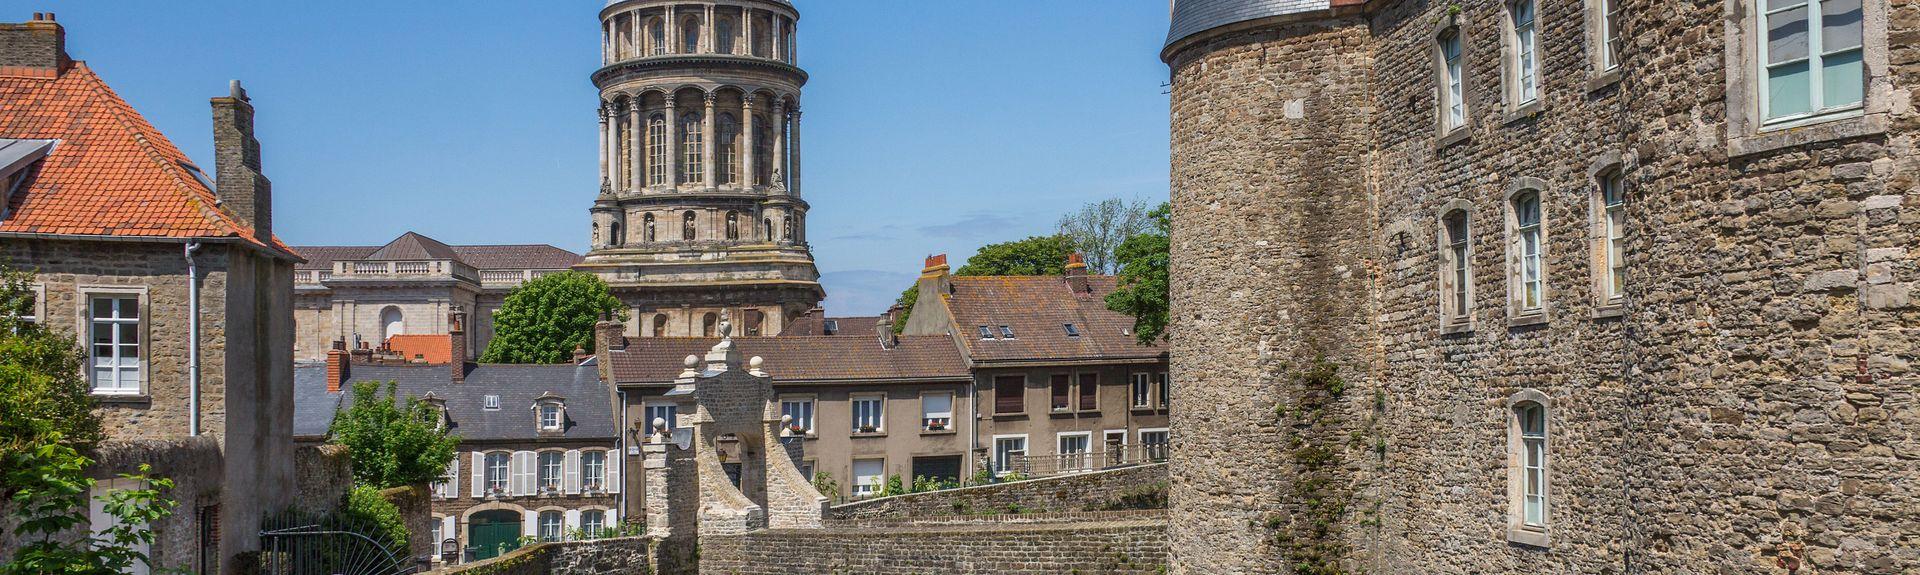 Boulogne-sur-Mer, Département Pas-de-Calais, Frankreich